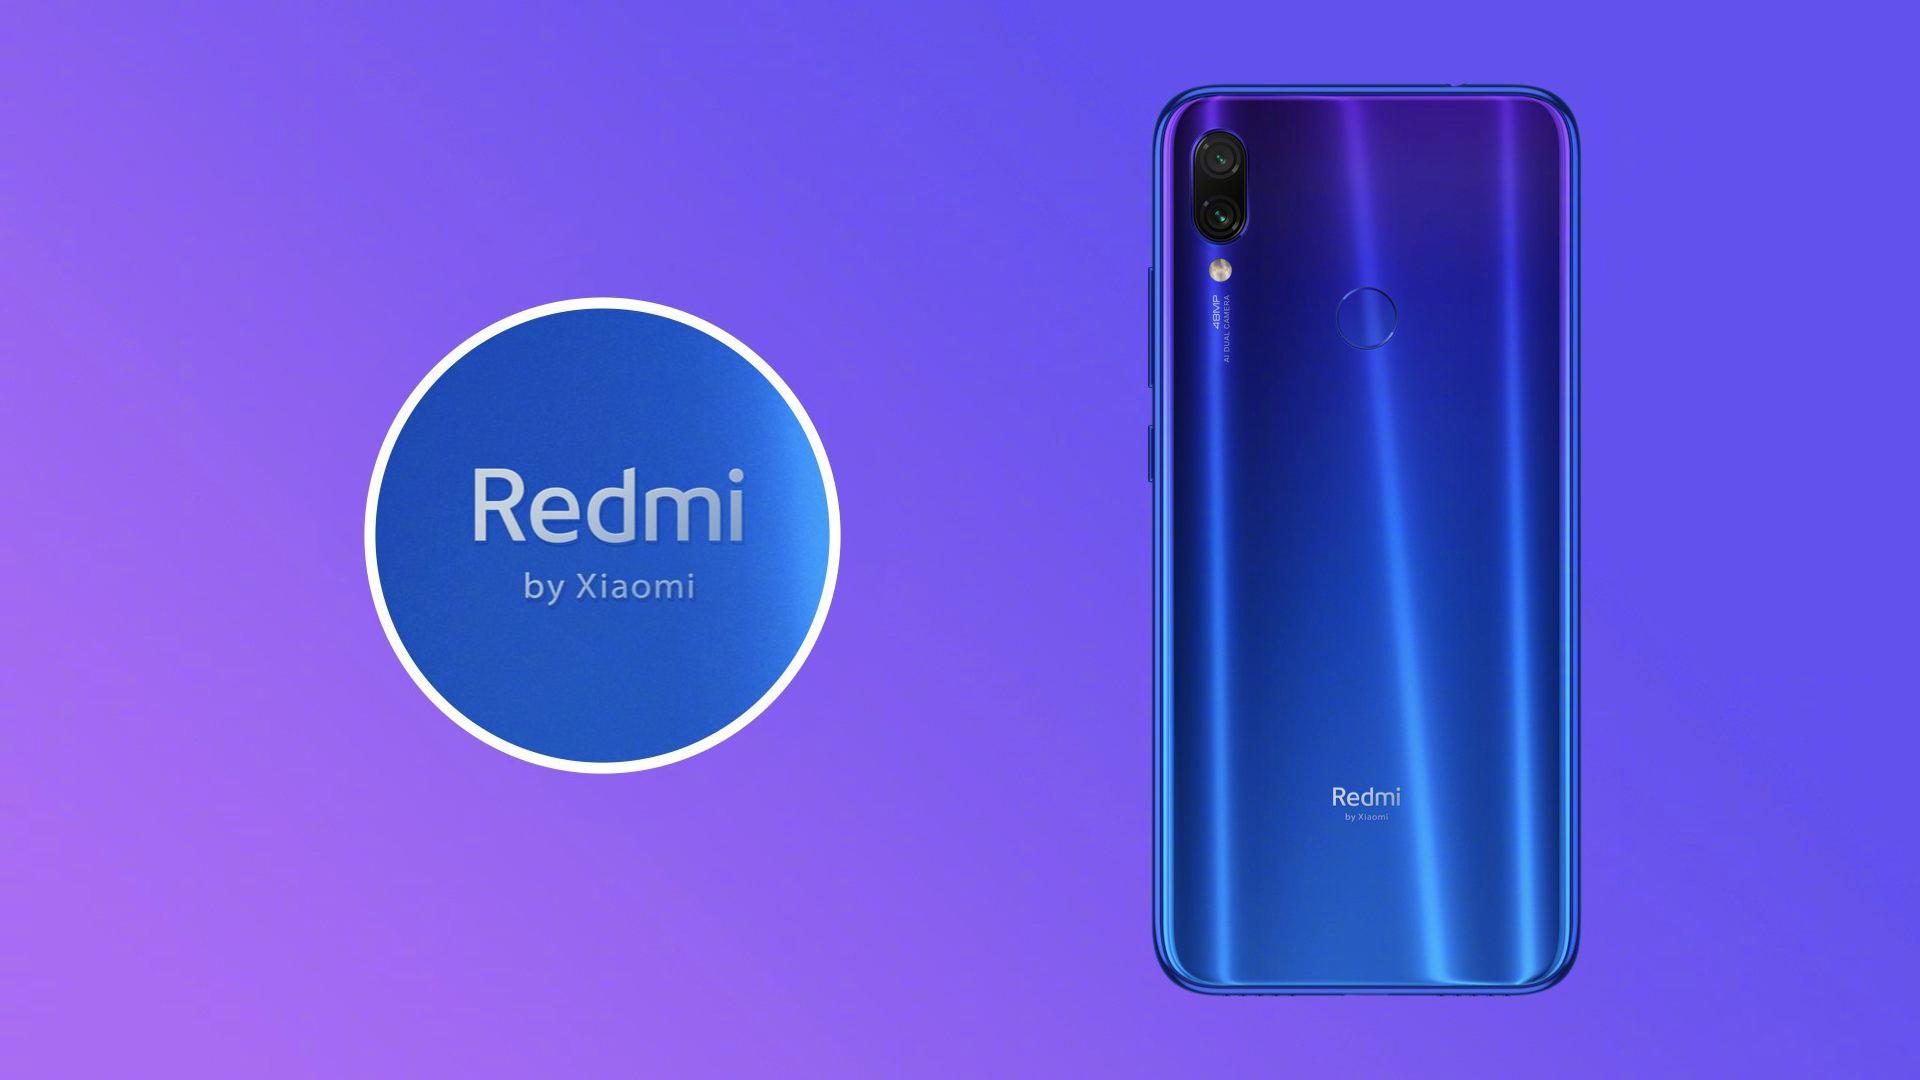 Redmi Note 7 – novinka pod značkou Redmi by Xiaomi